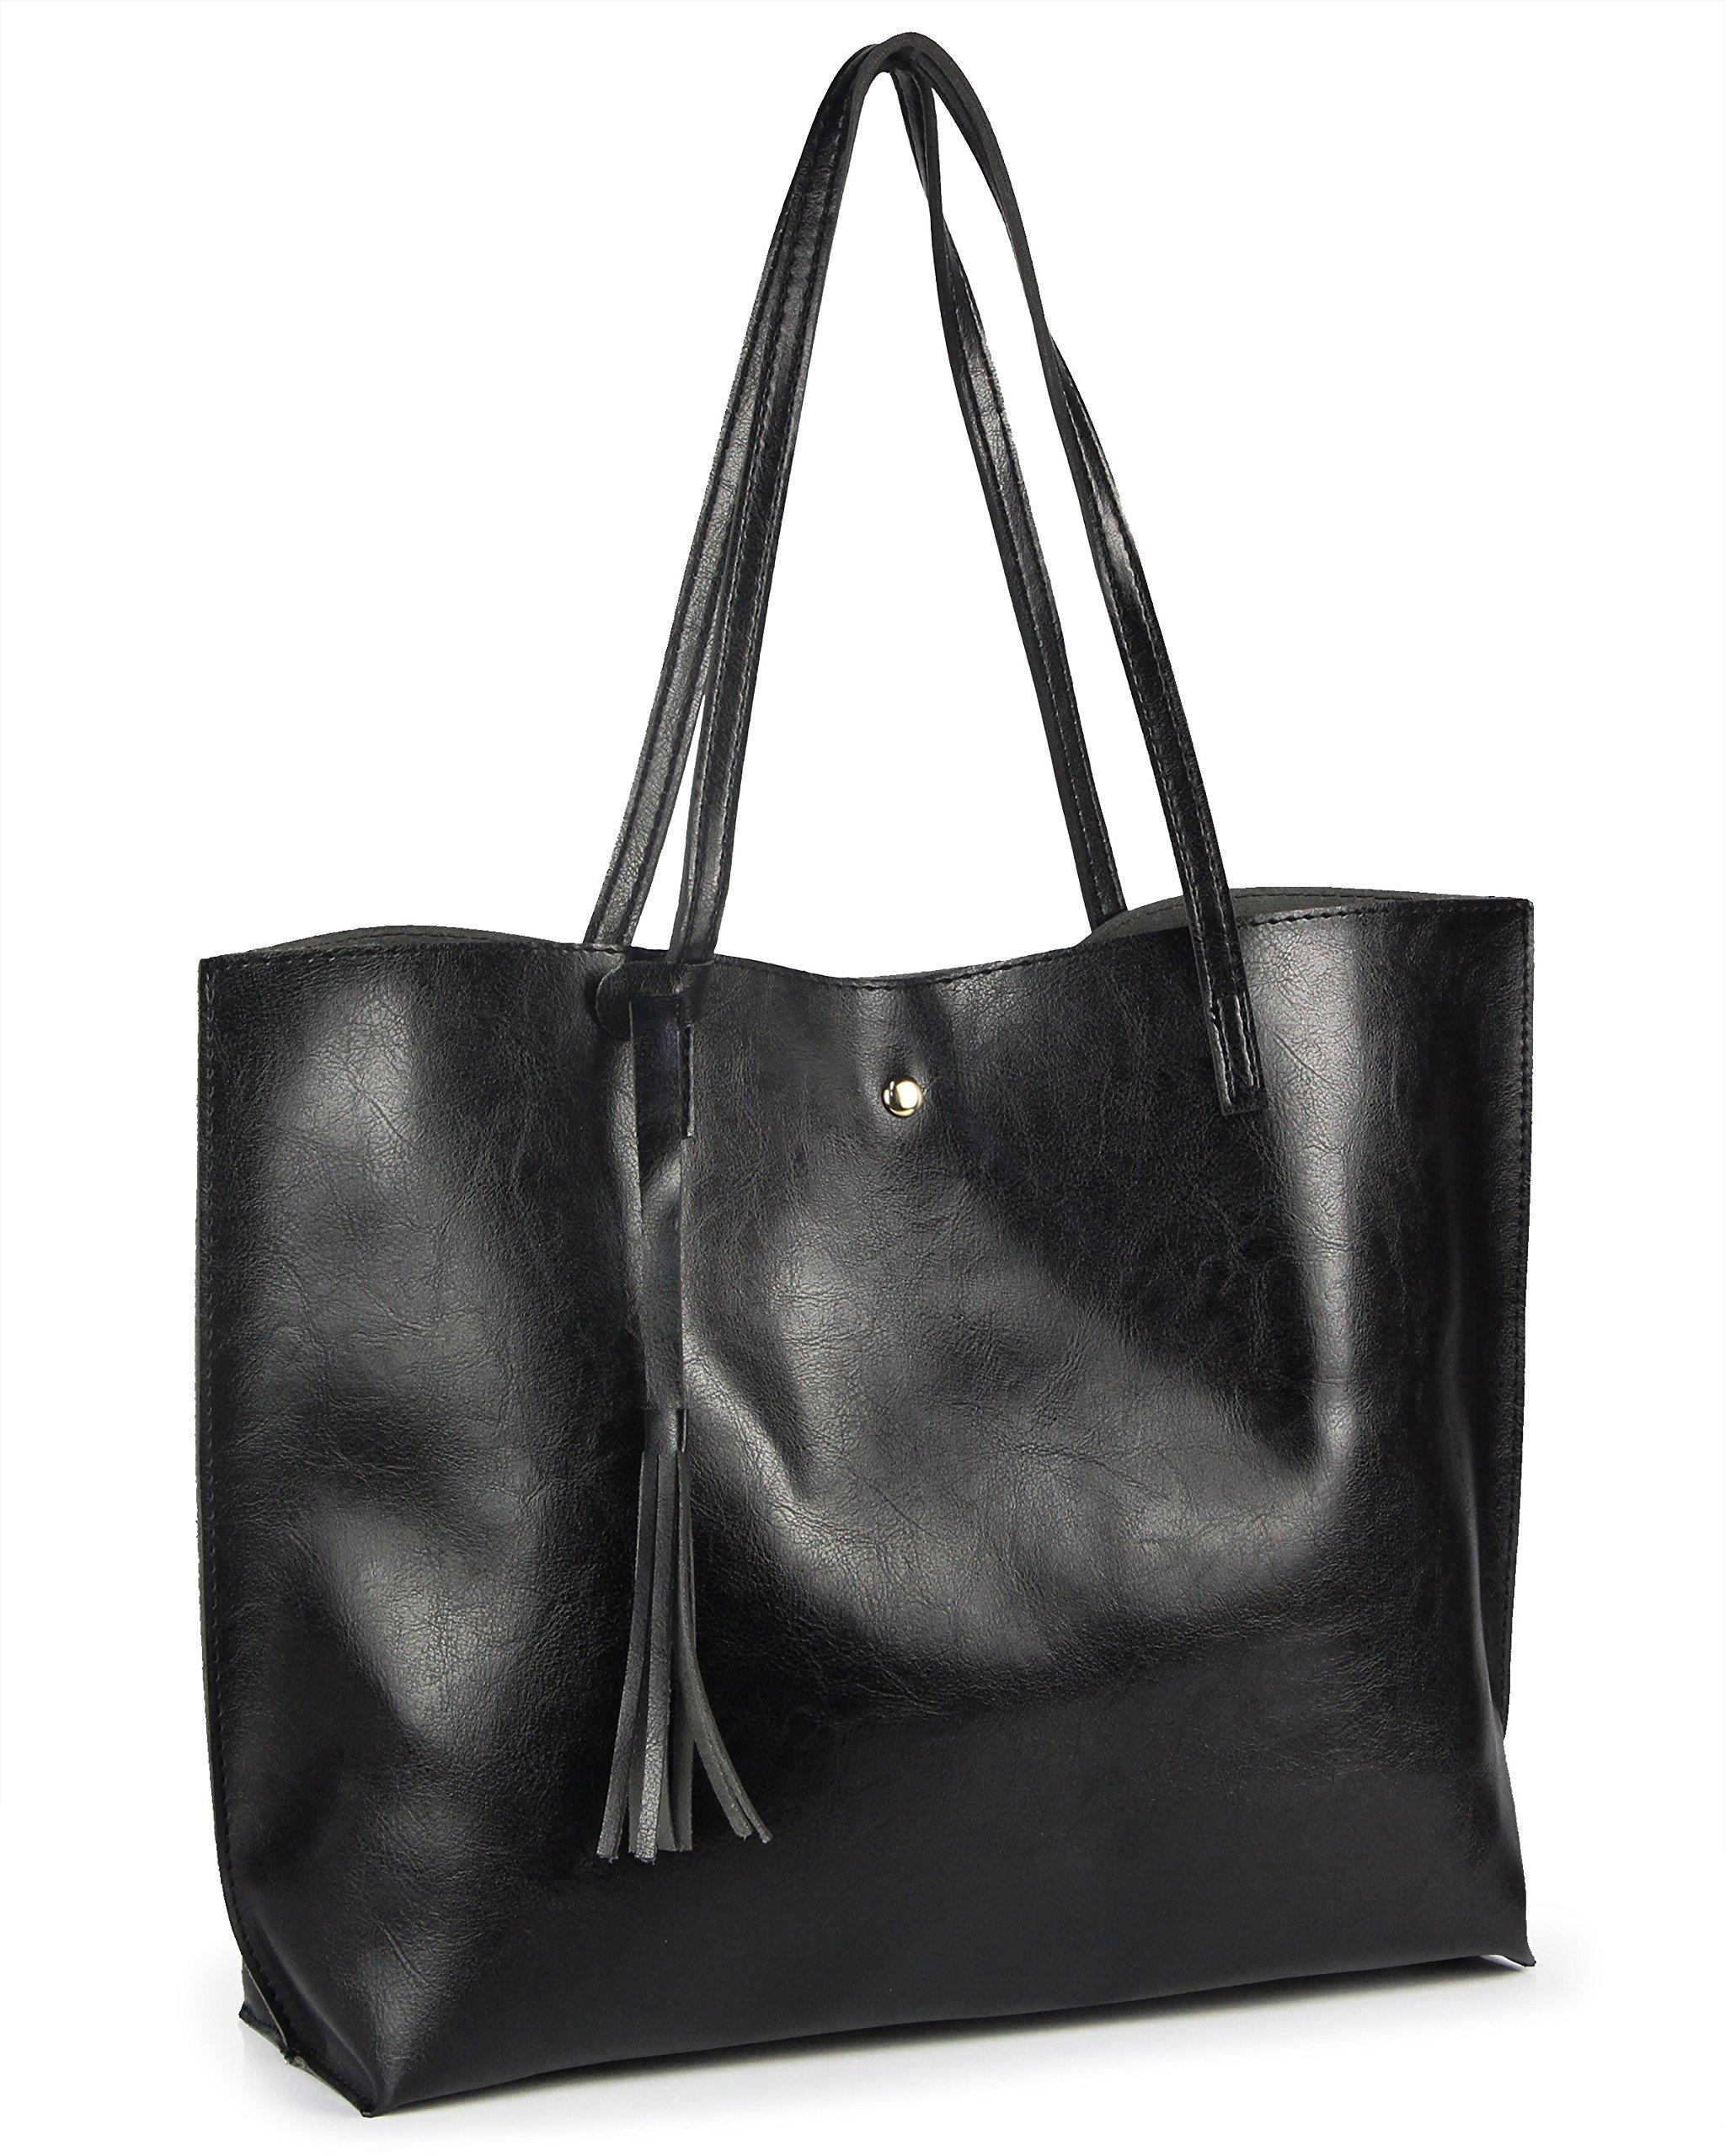 Work Handbags for Women Large Satchel Bags Tassels Pu Leather Tote Shoulder Handbags (Black)